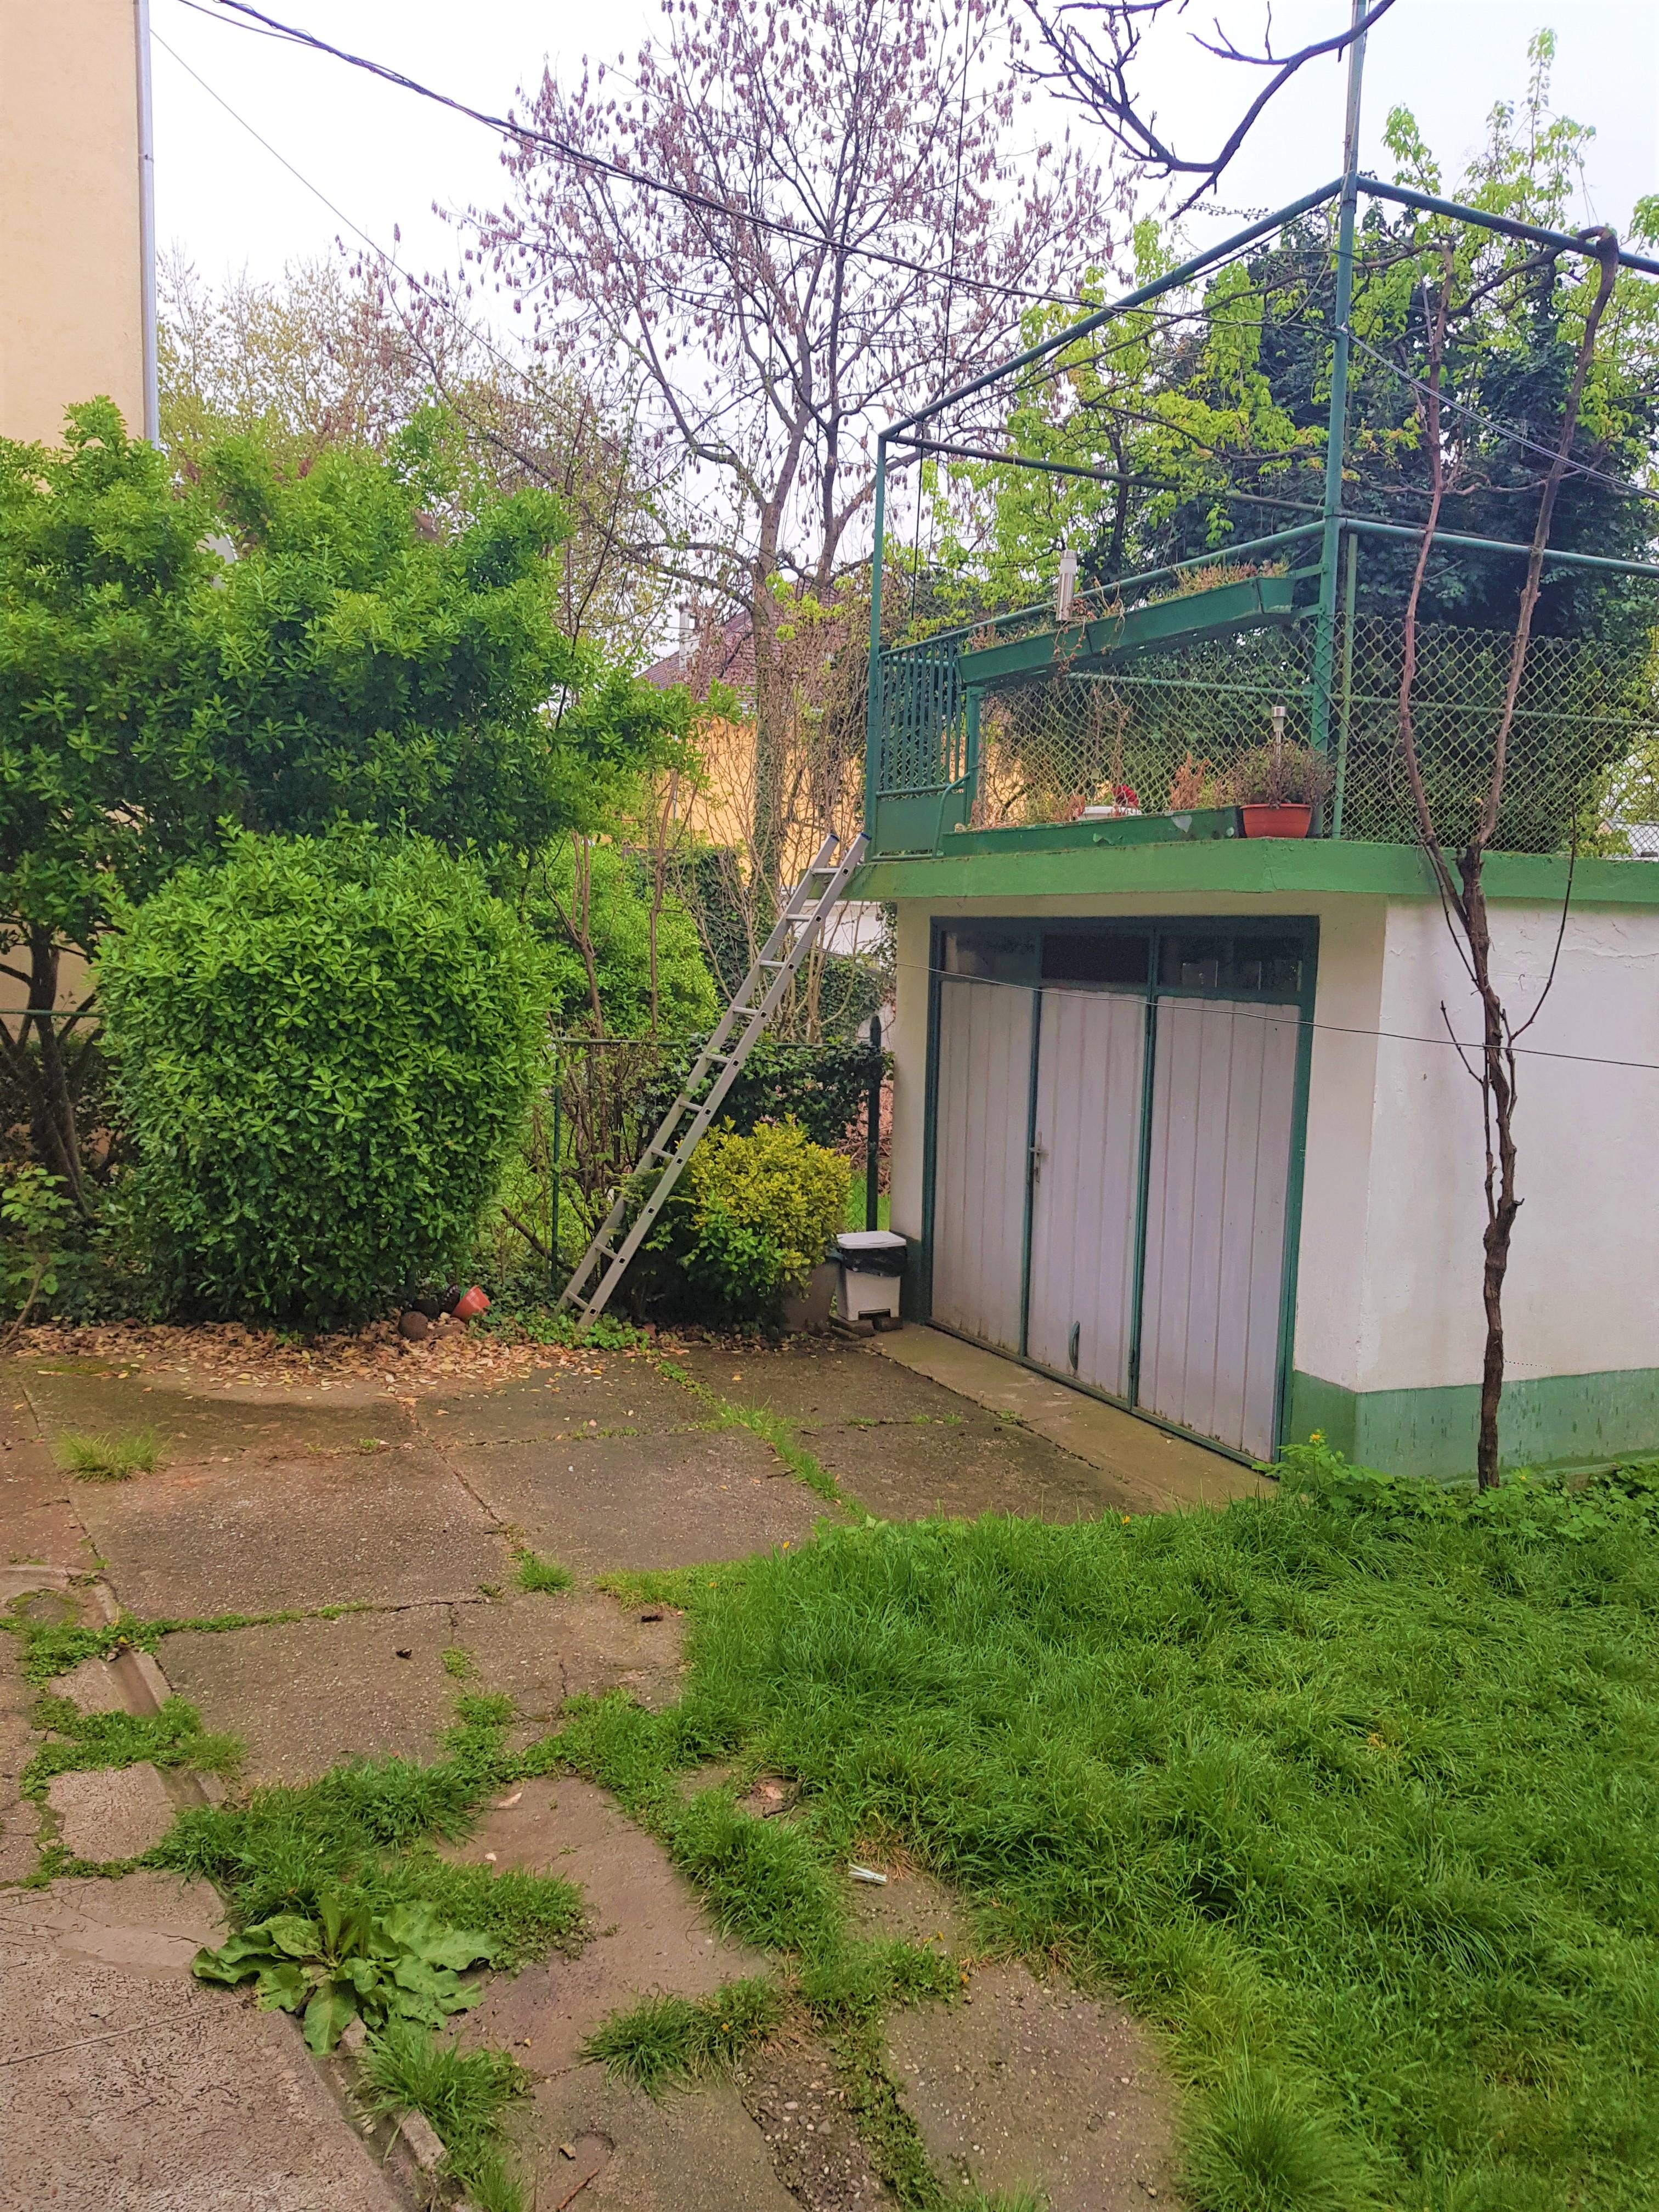 Jednosobni stan blizu Ilice, u tramvajskoj zoni